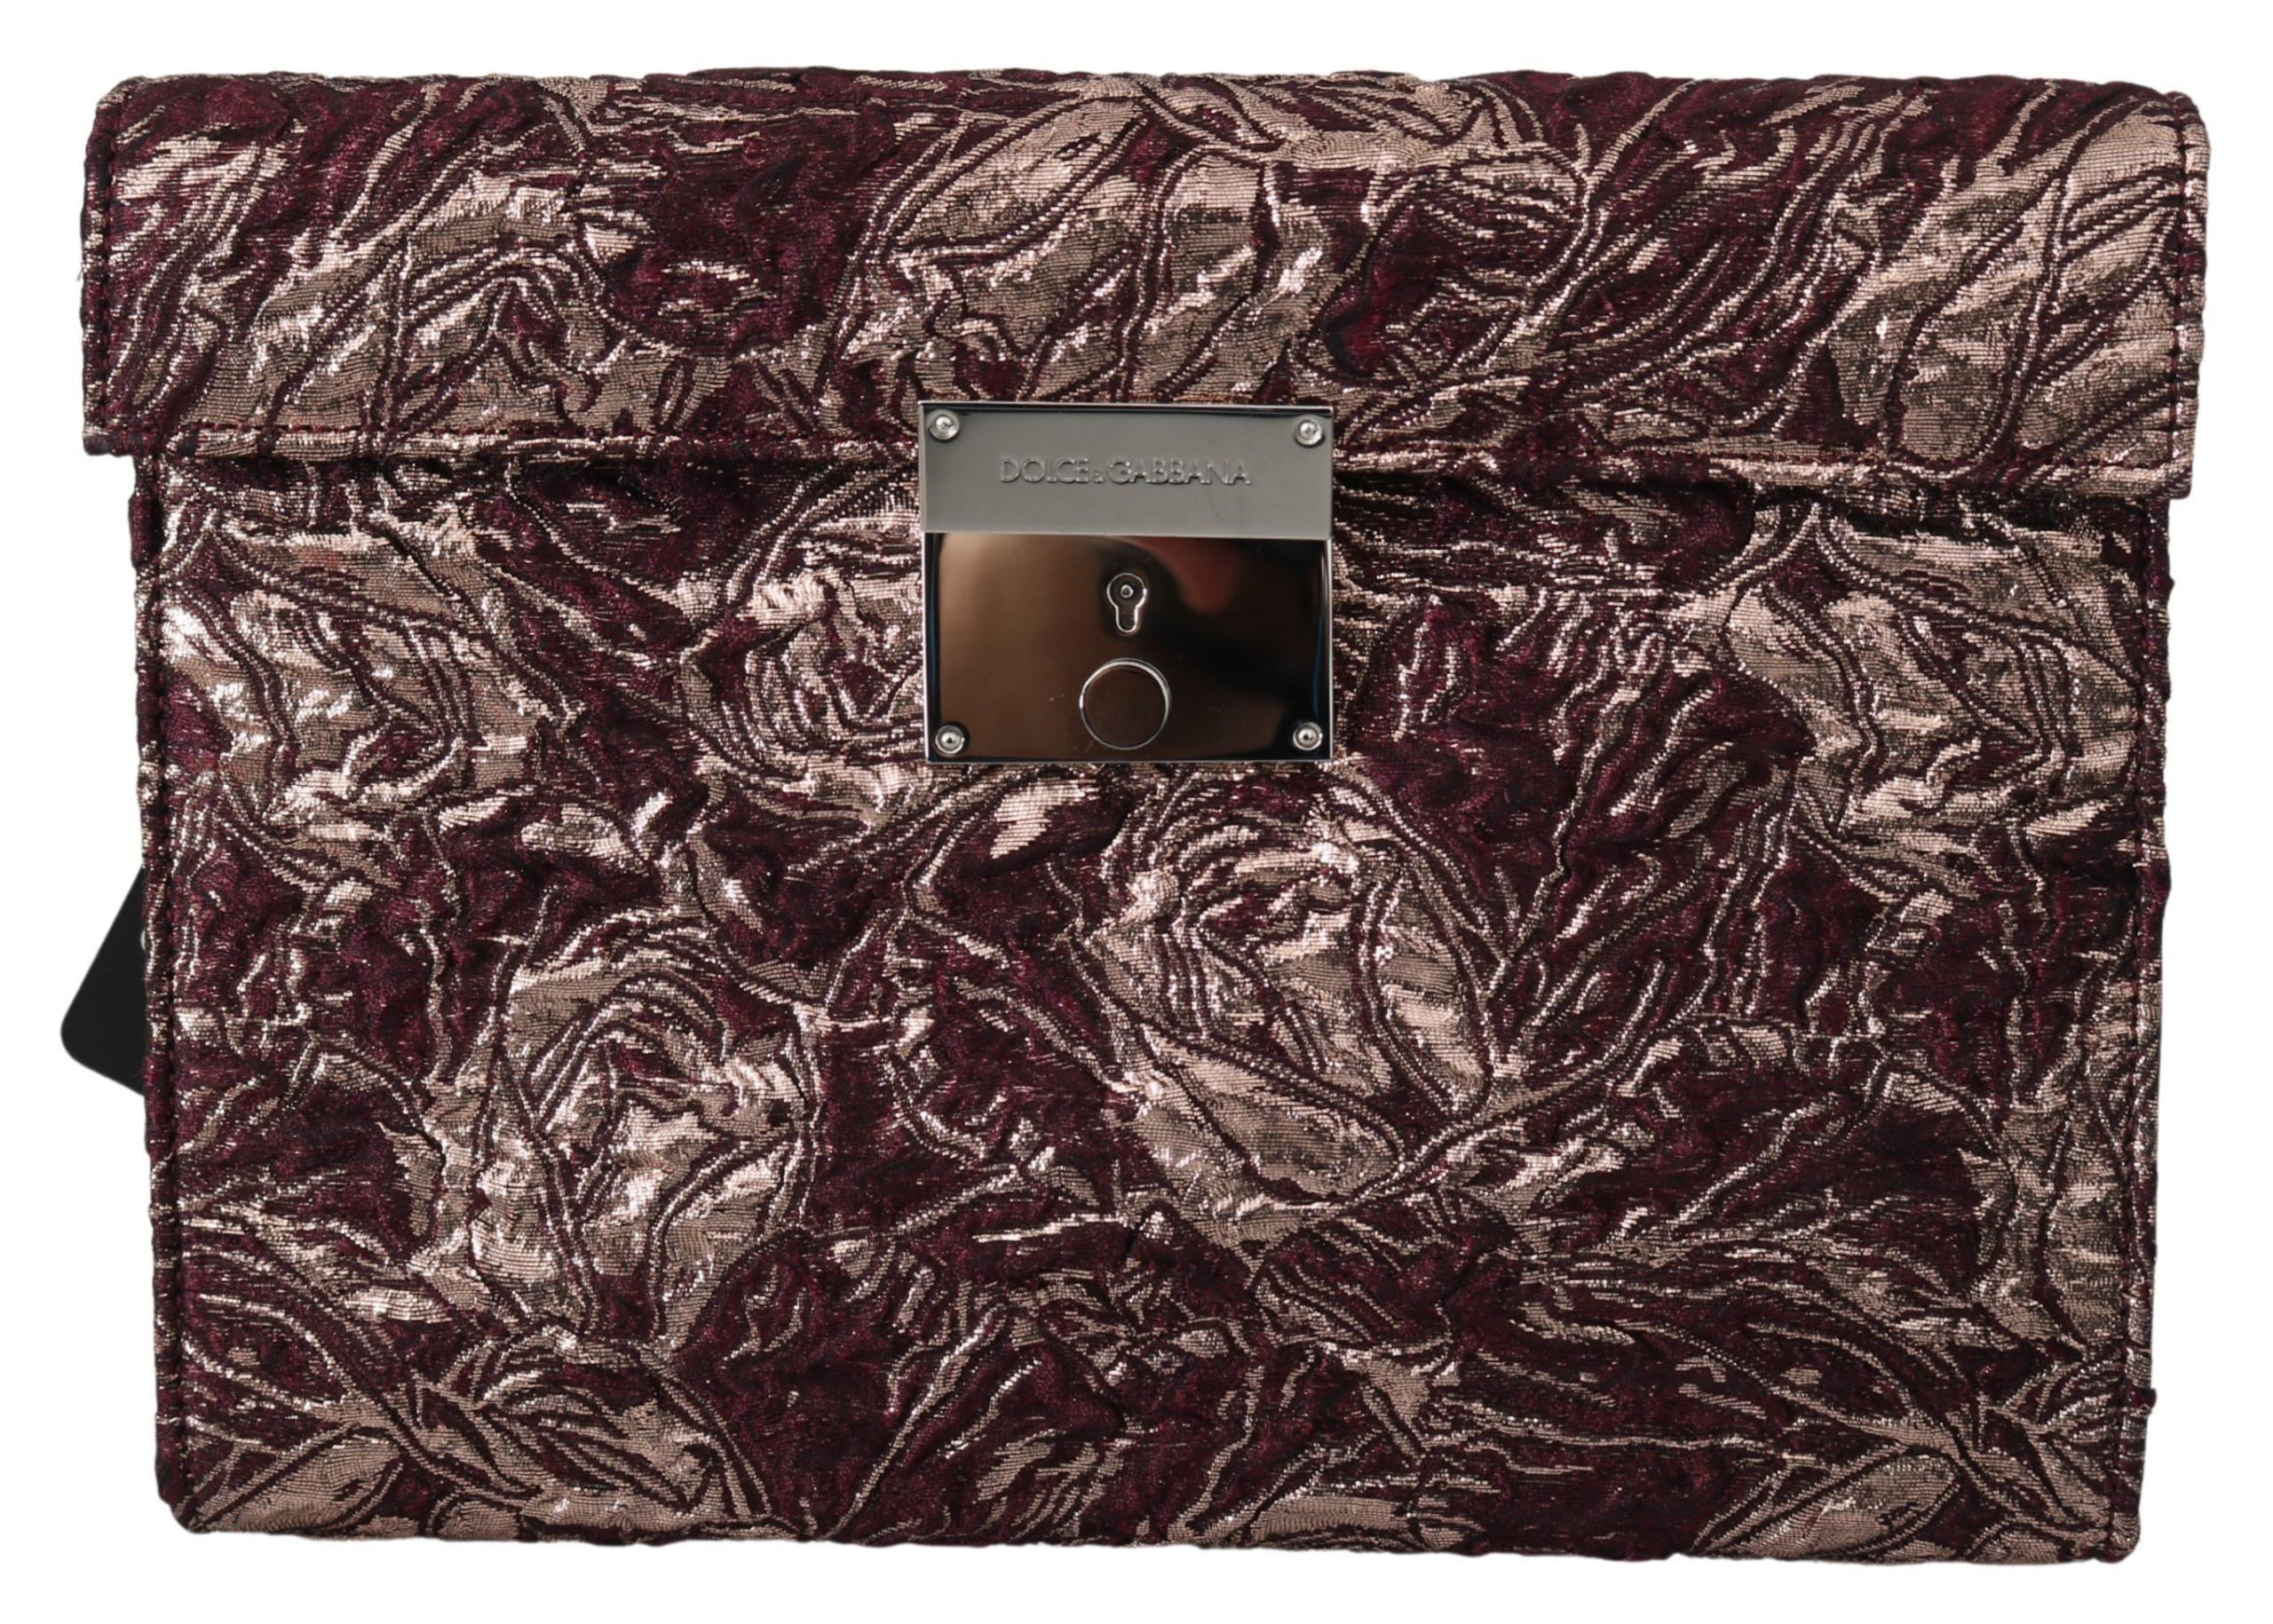 Dolce & Gabbana Men's Jacquard Leather Briefcase Bag Bordeaux VAS9859